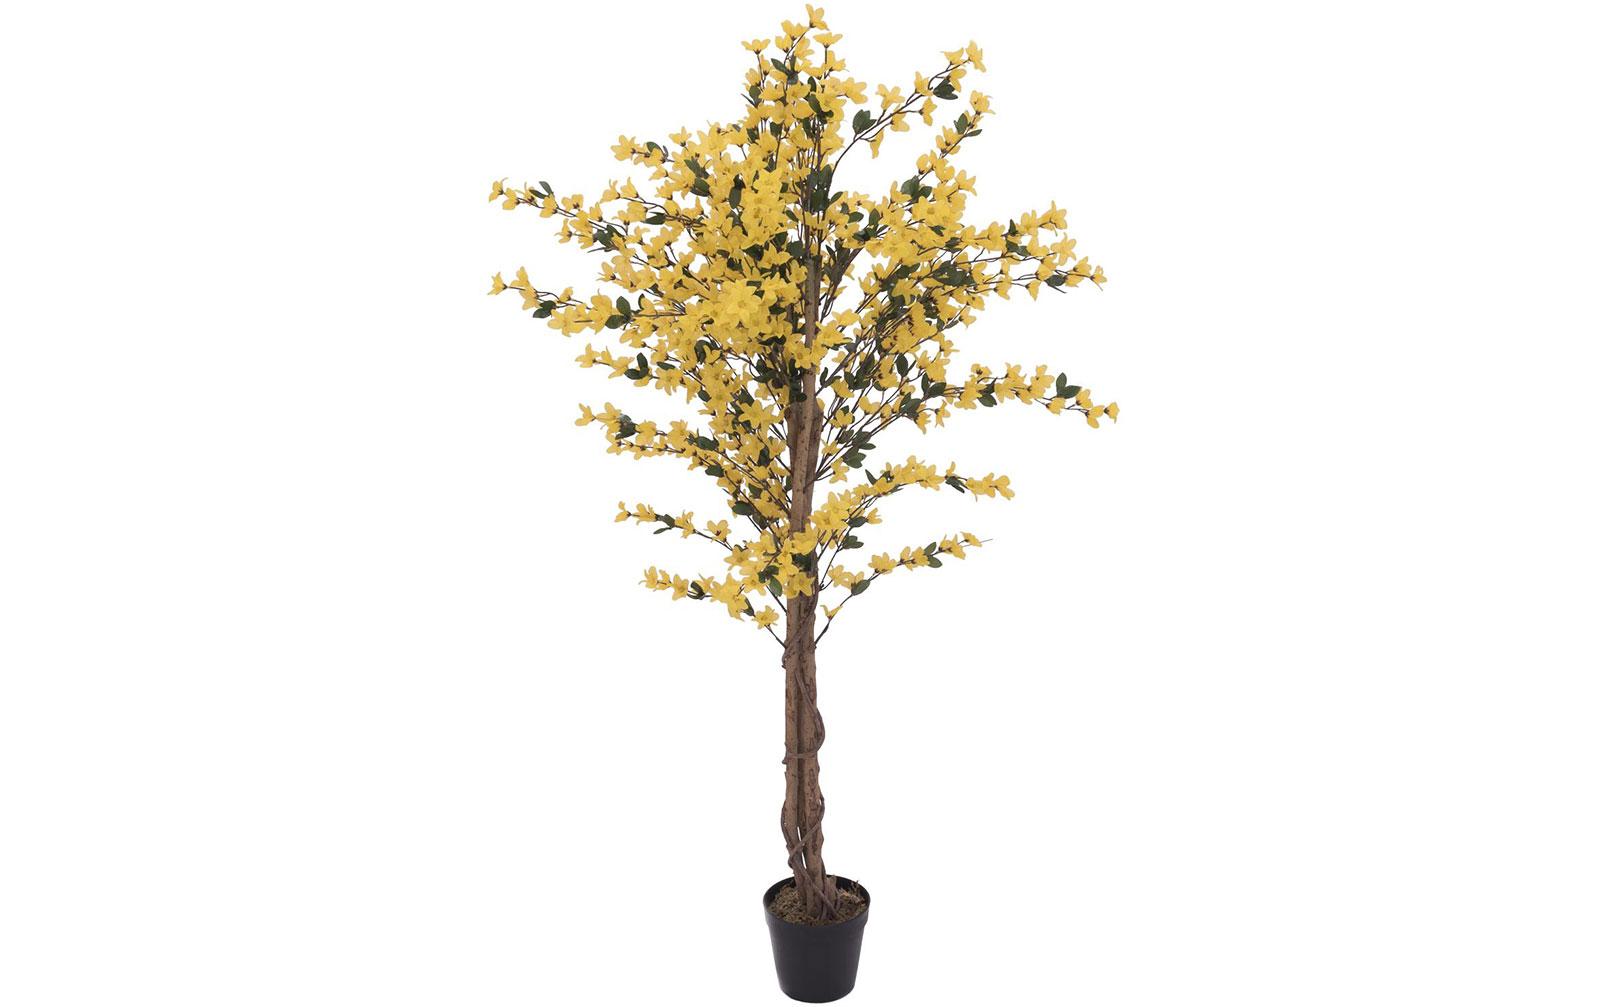 europalms-forsythienbaum-mit-4-sta-mmen-gelb-150-cm-kunststoffpflanze